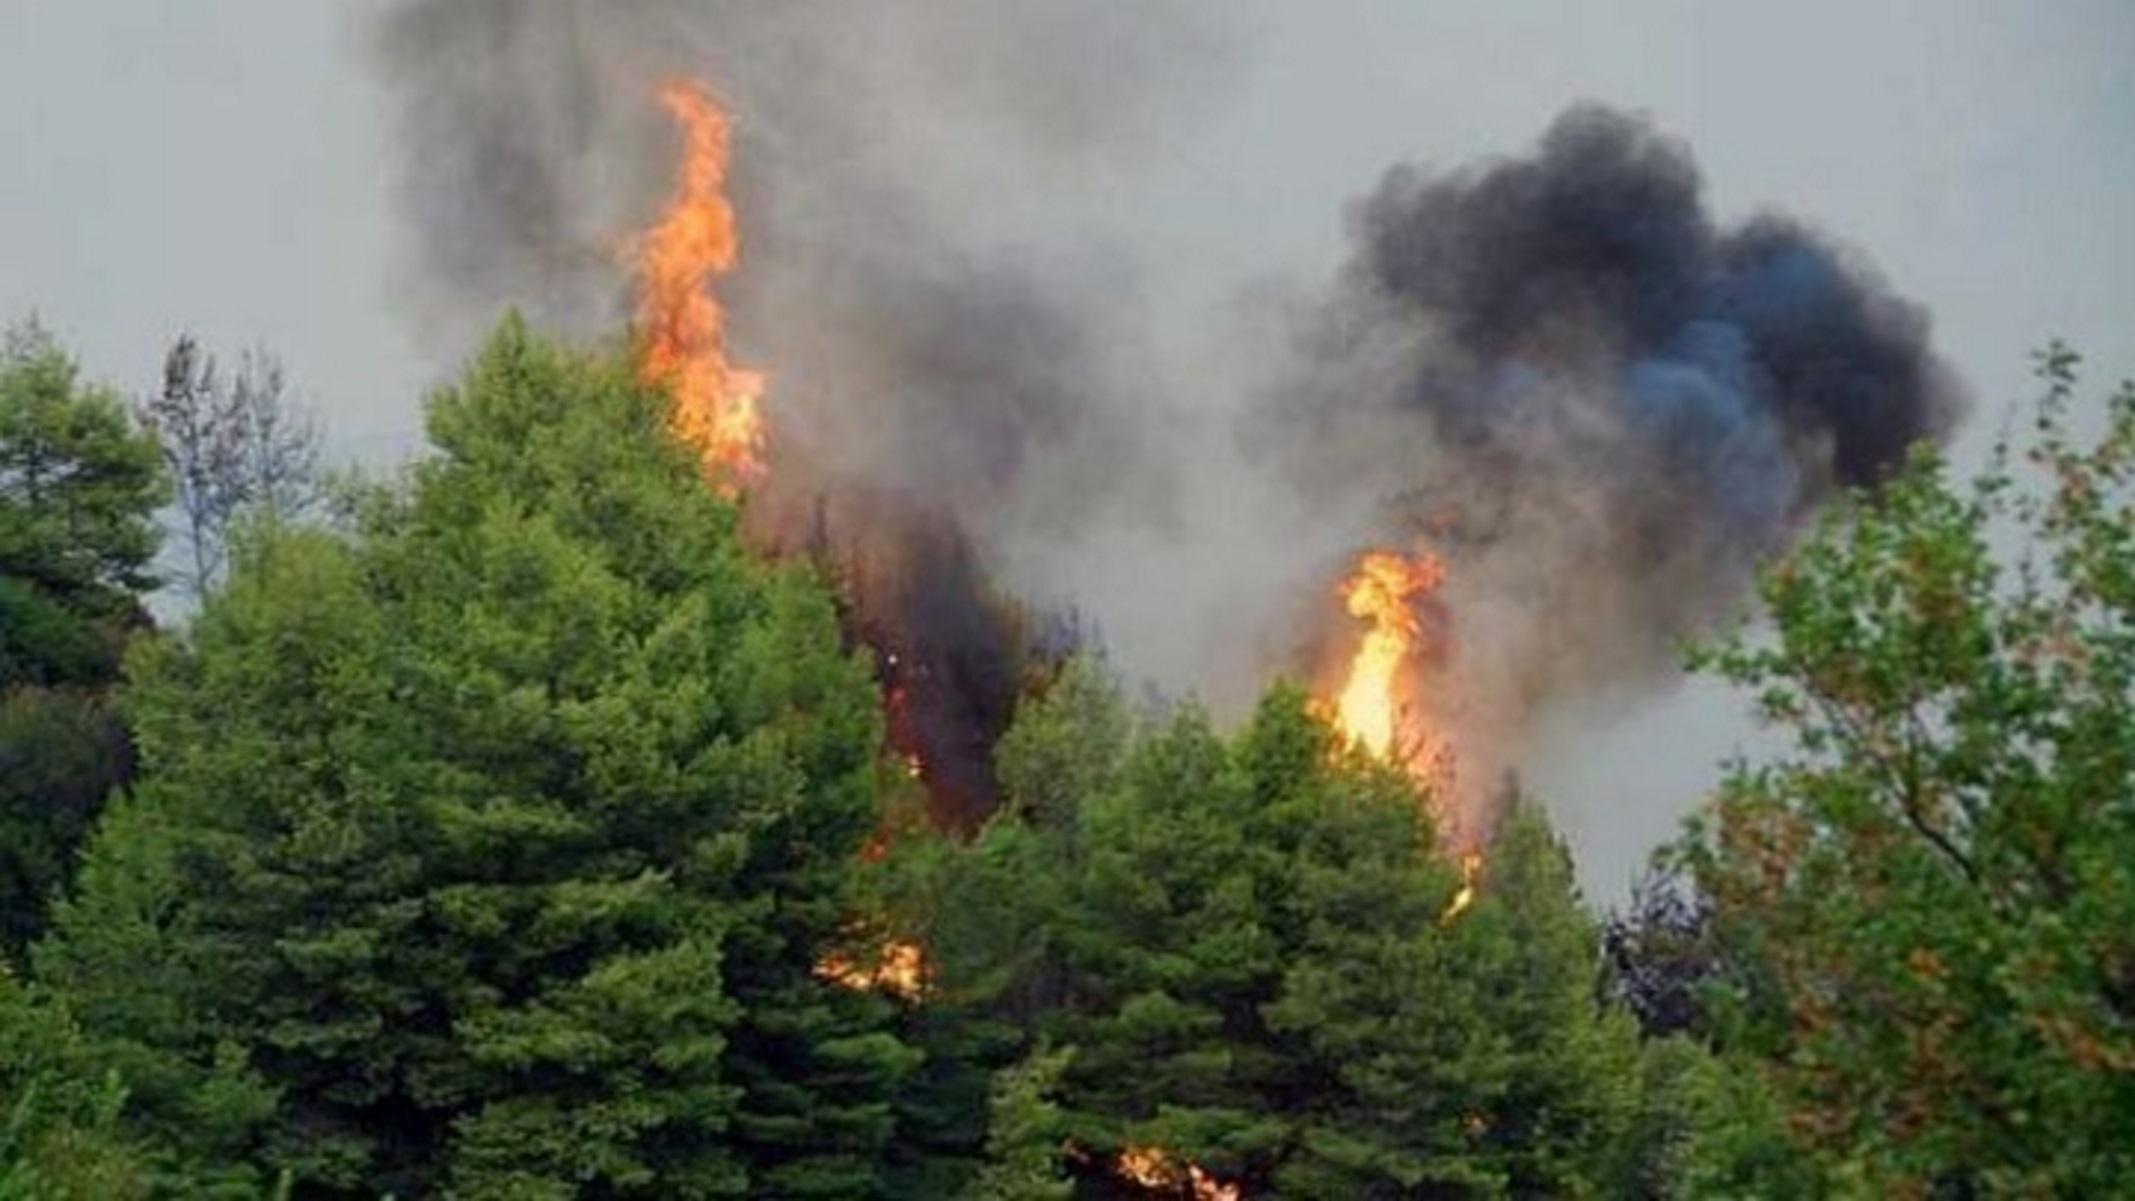 Εύβοια: Φωτιά στην περιοχή Ριτσώνα – Πυροσβέστες και εθελοντές στη μάχη με τις φλόγες